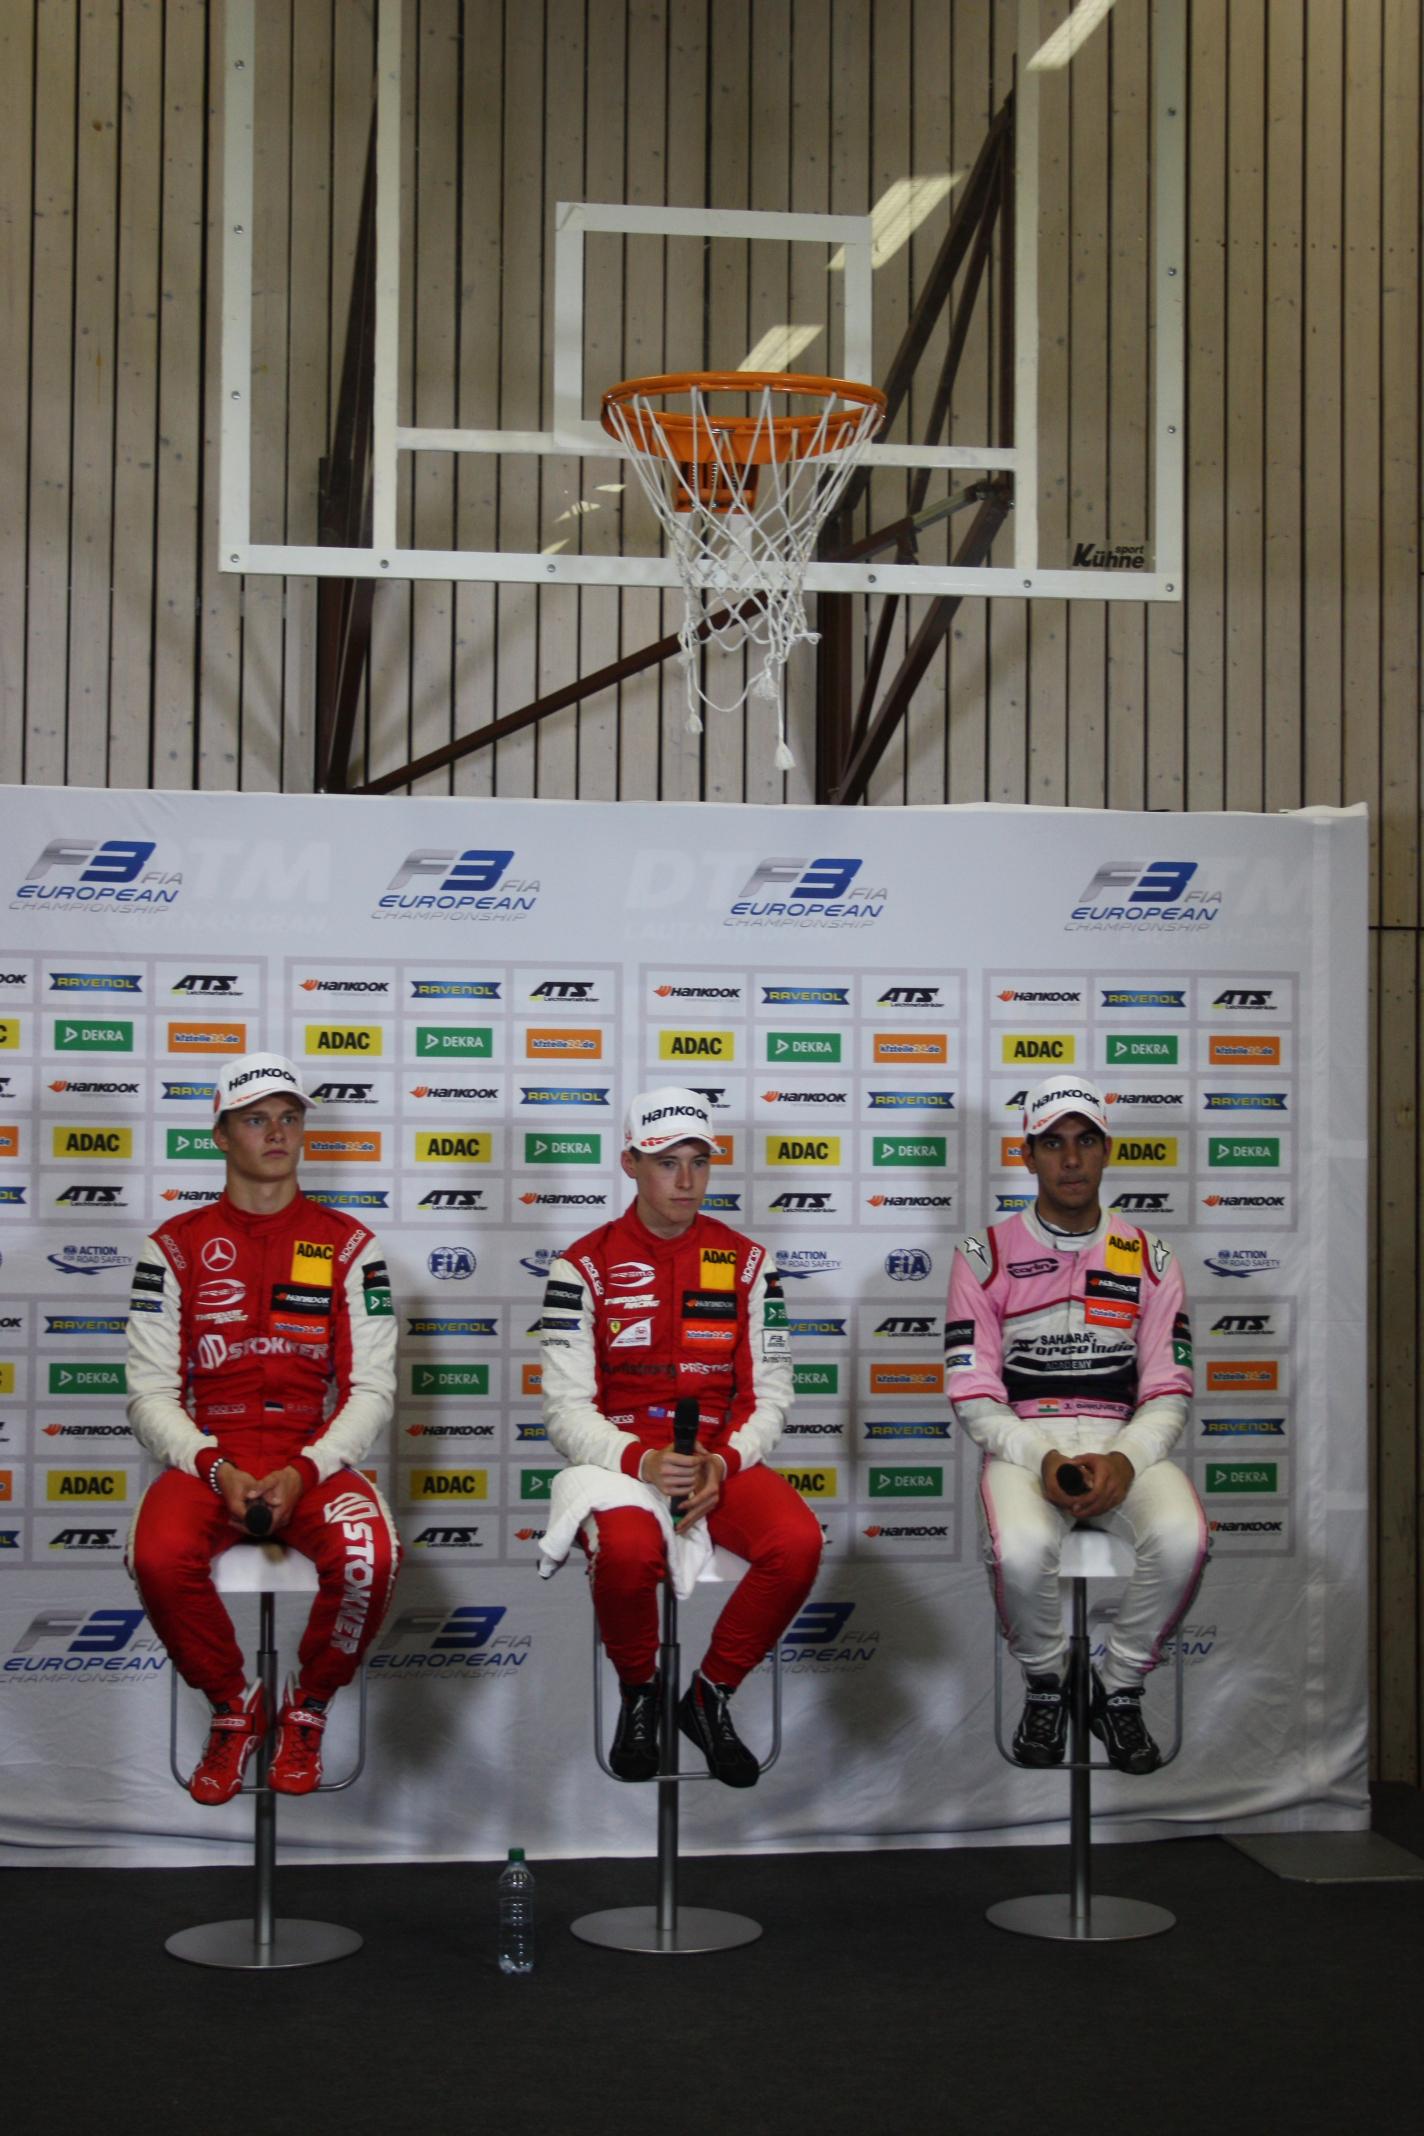 Legrace: Media-Center je na Norisringu v tělocvičně prvoligových fotbalistů 1. FCN – a tak dávali vítězové F3 tiskovou konferenci pod basketballovým košem